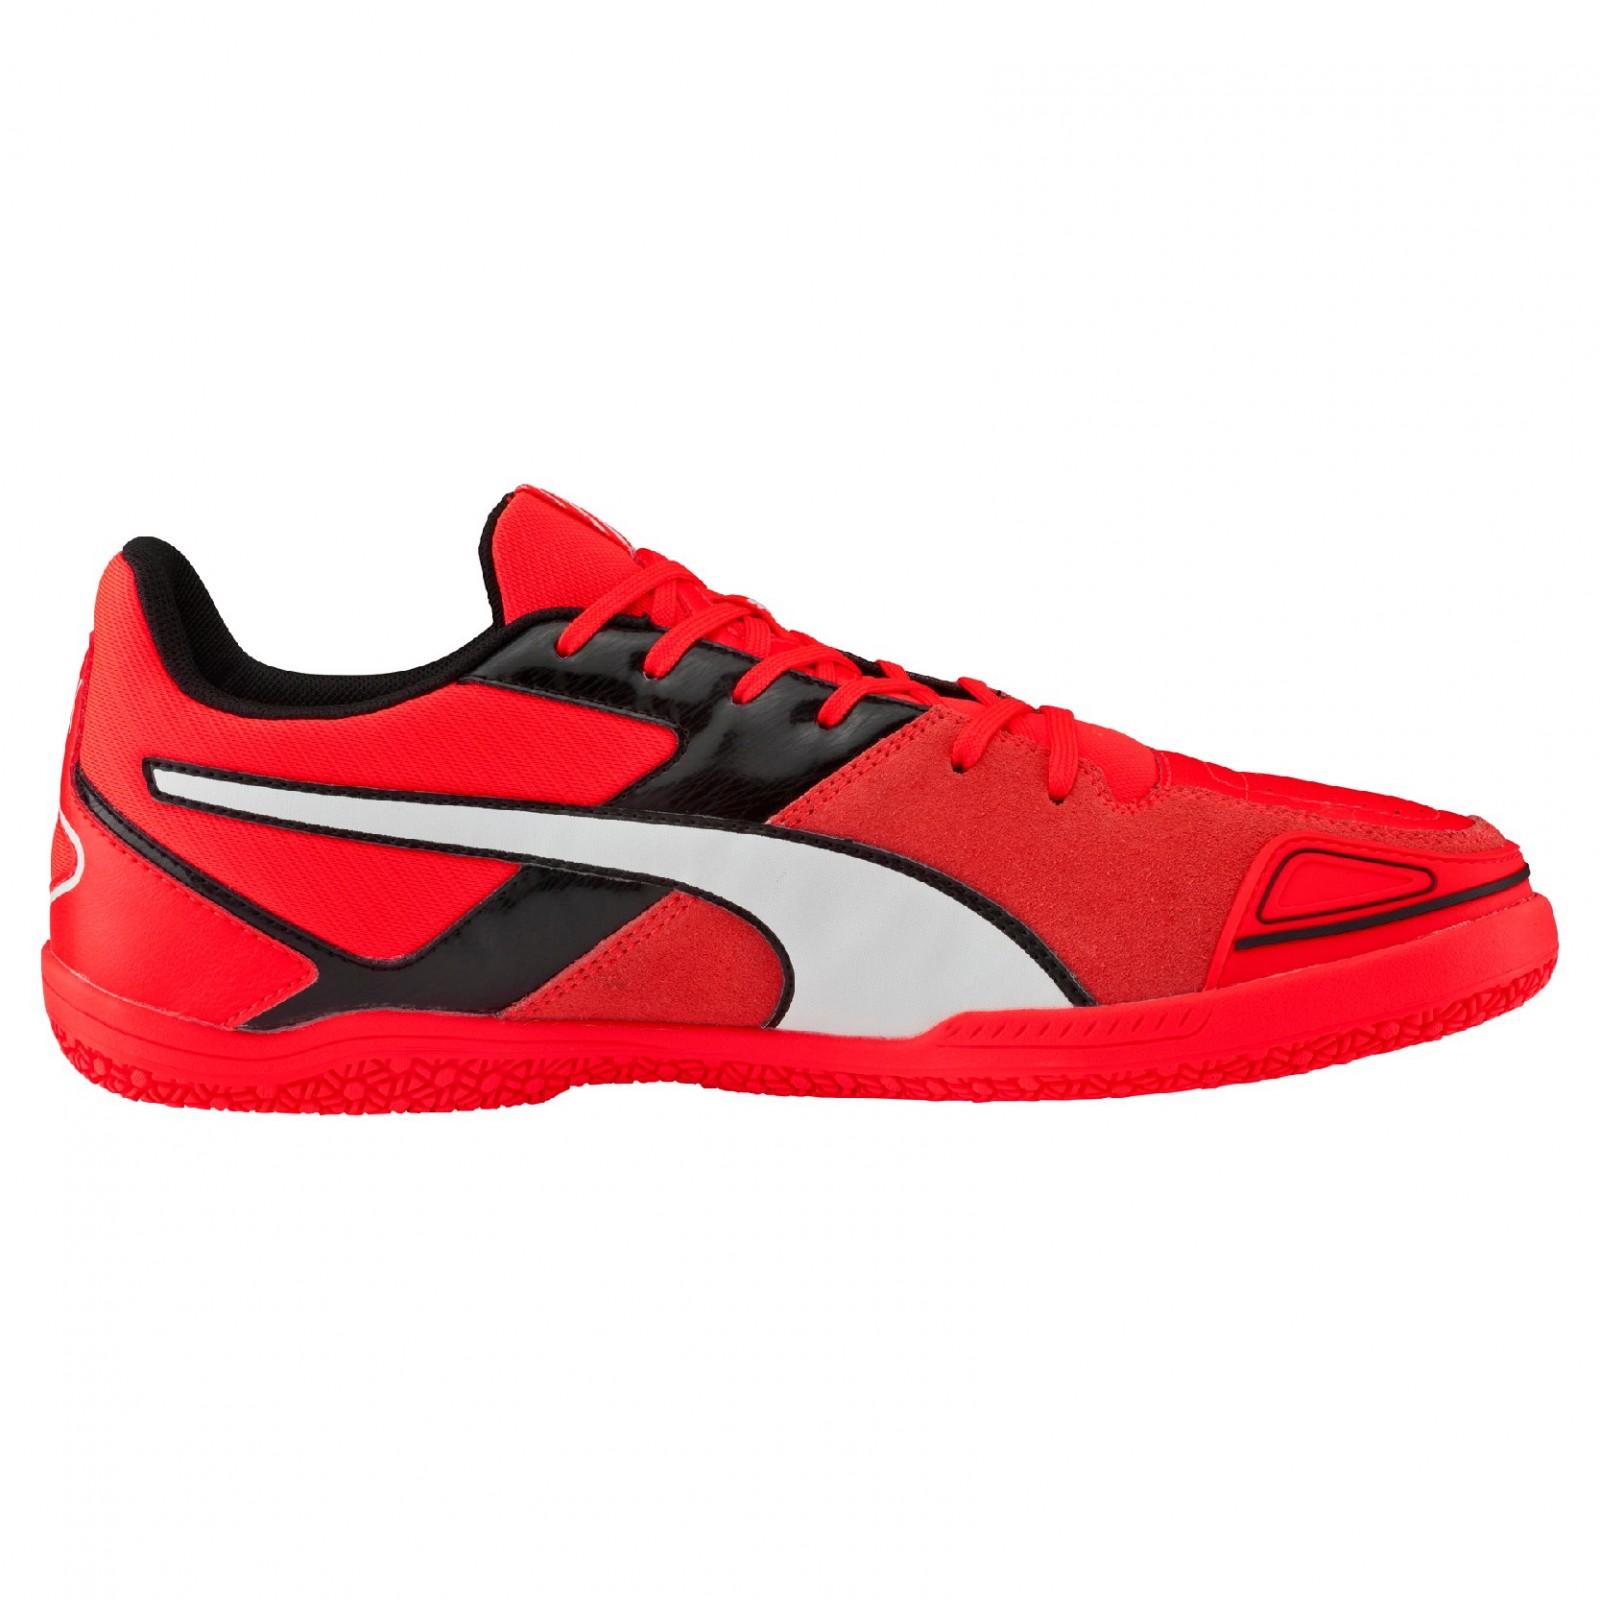 Pánské Sálové boty Puma Invicto Sala Red Blast- Wh  d87f746da2a